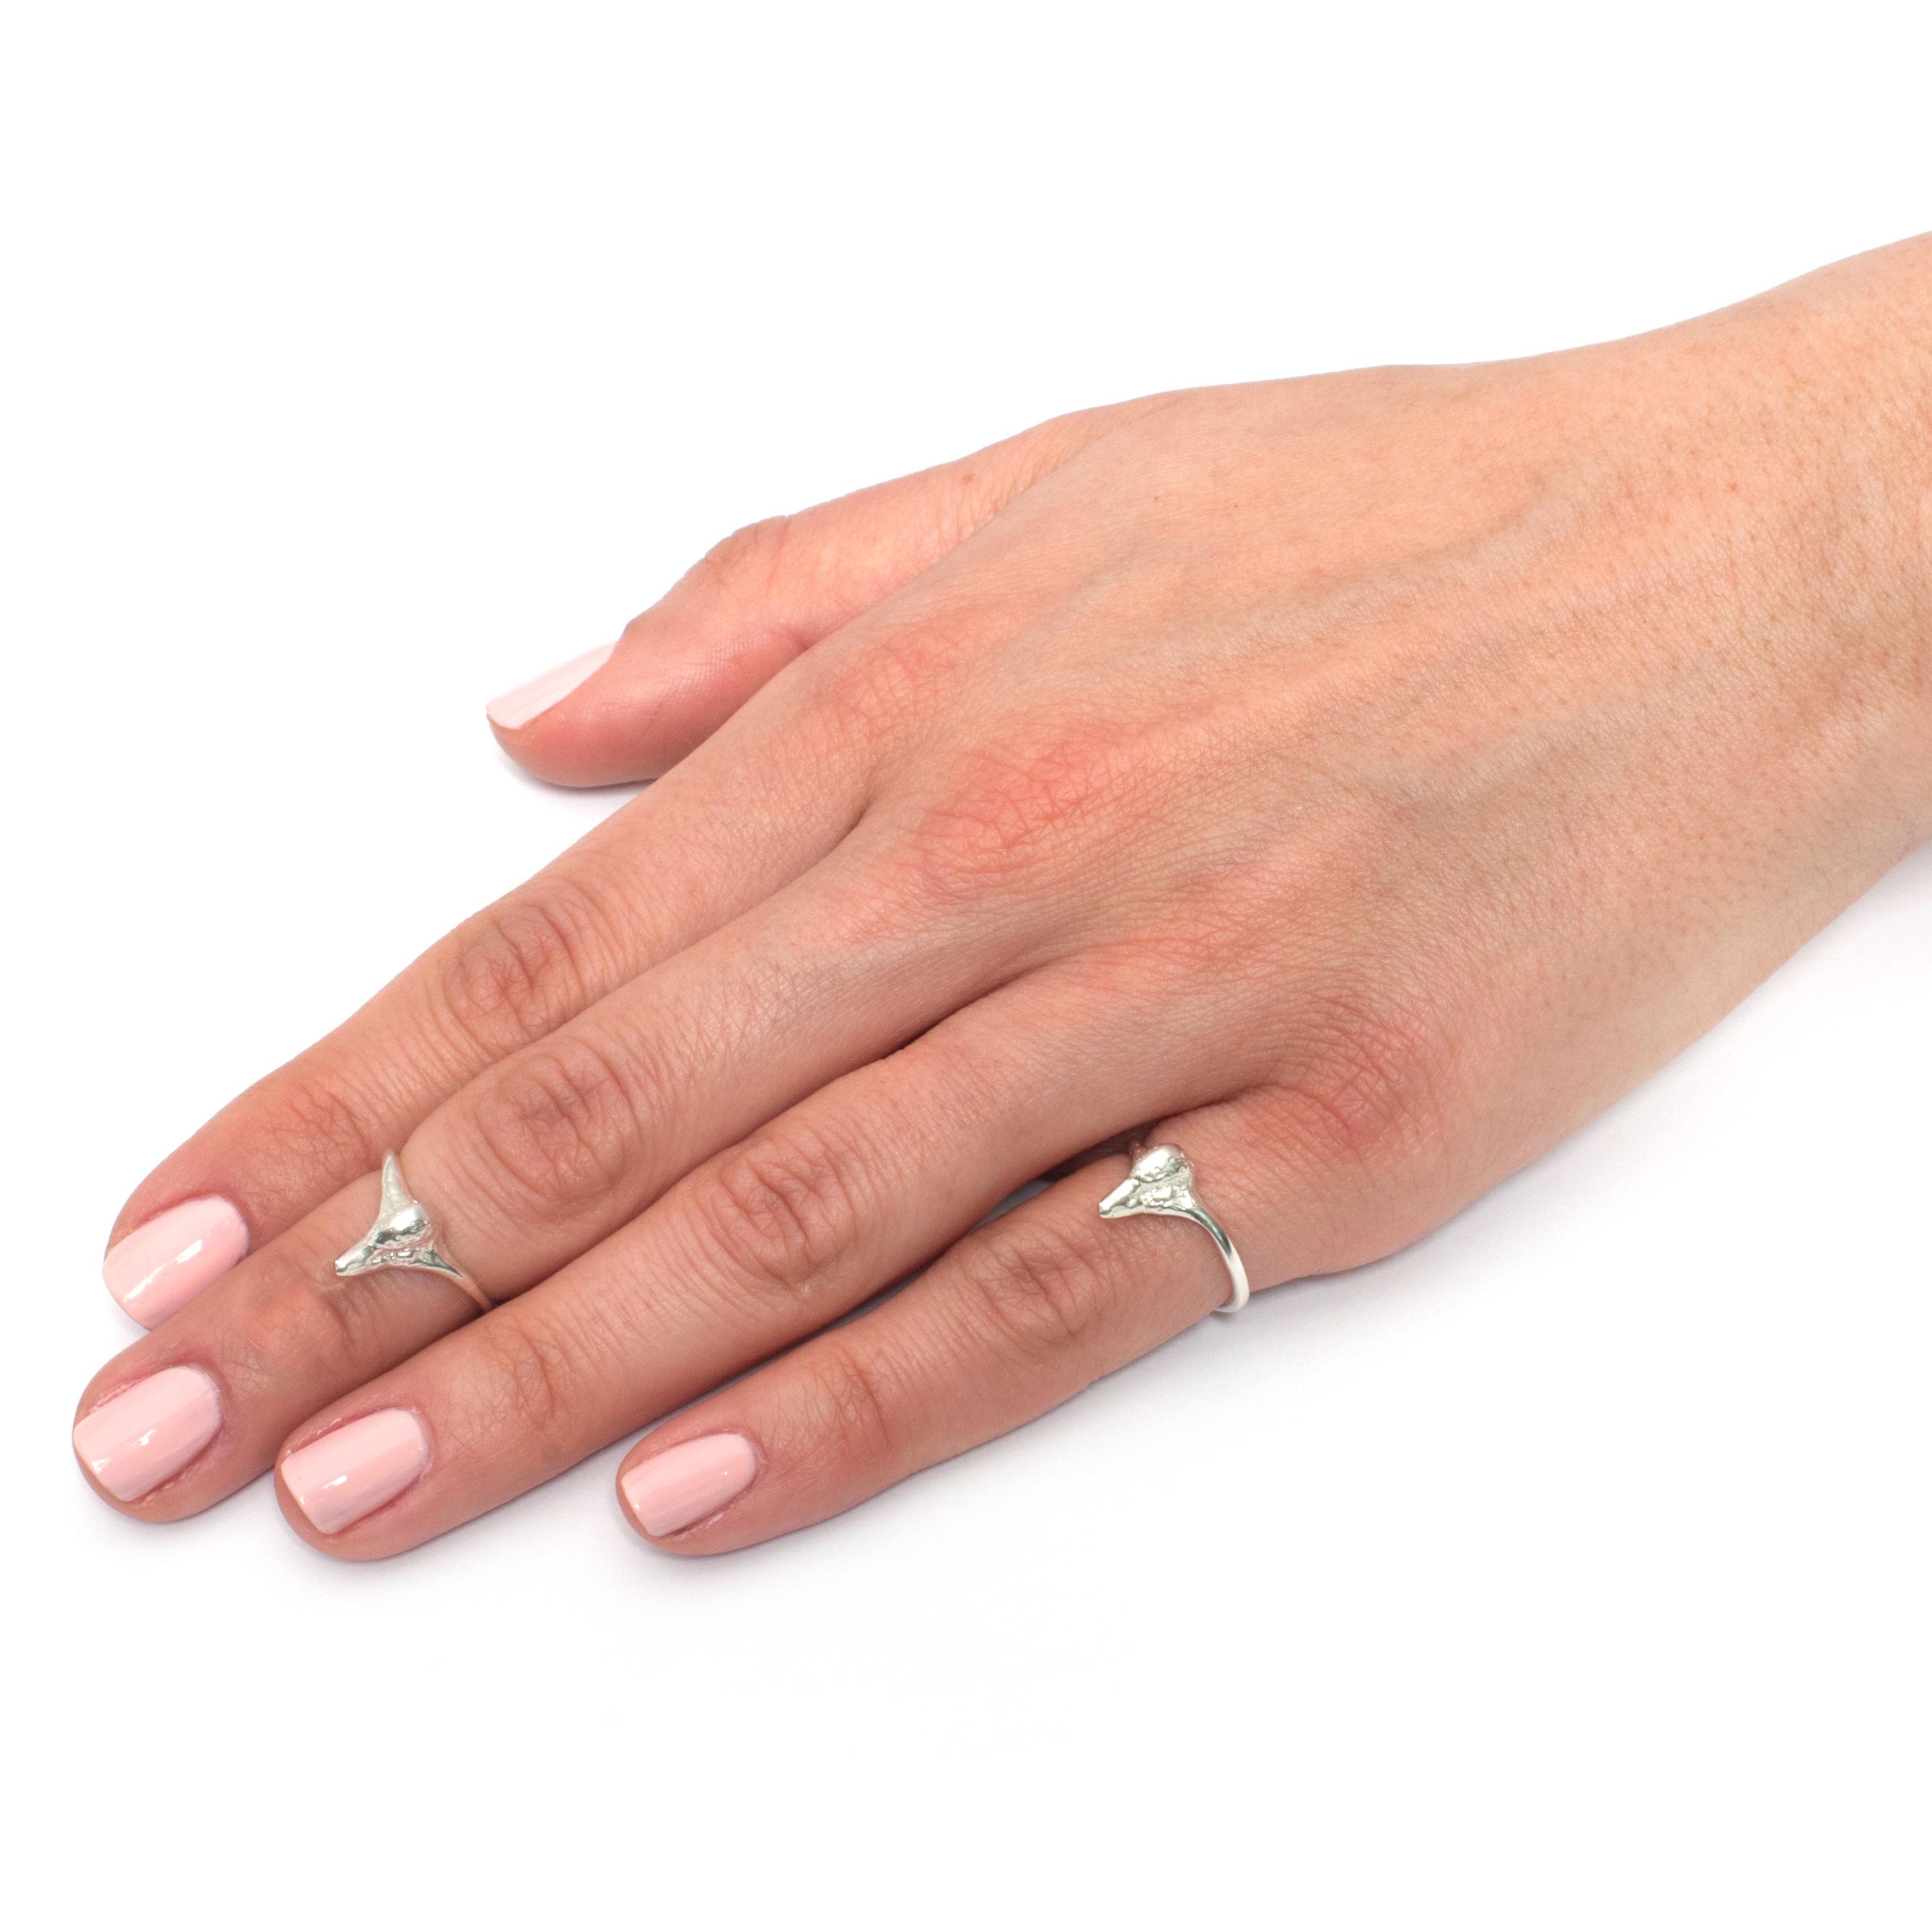 Ring Sizes Uk For Pinky Finger